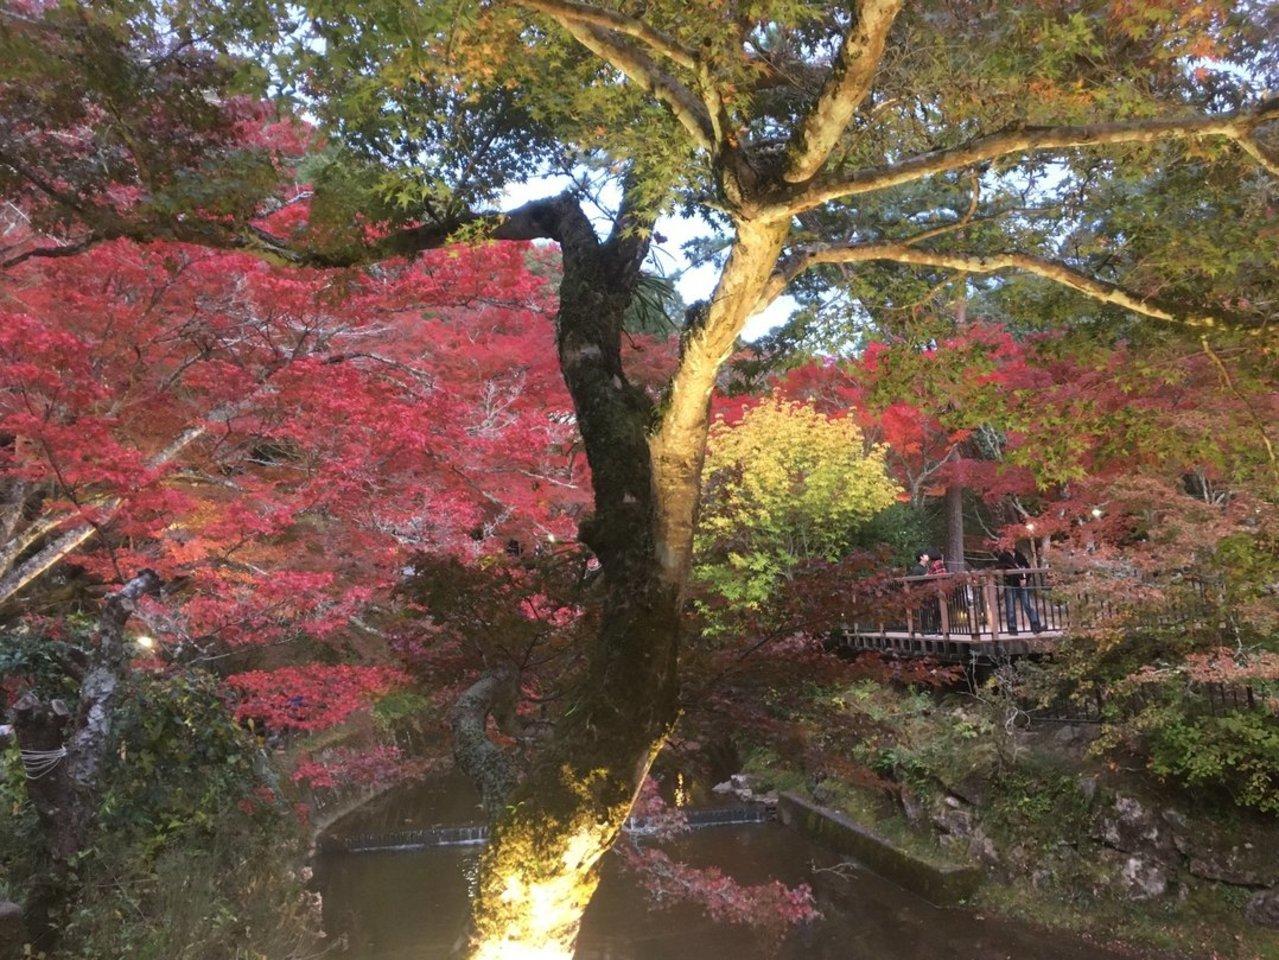 愛知高原国定公園...愛知県瀬戸市岩屋町の「岩屋堂公園」